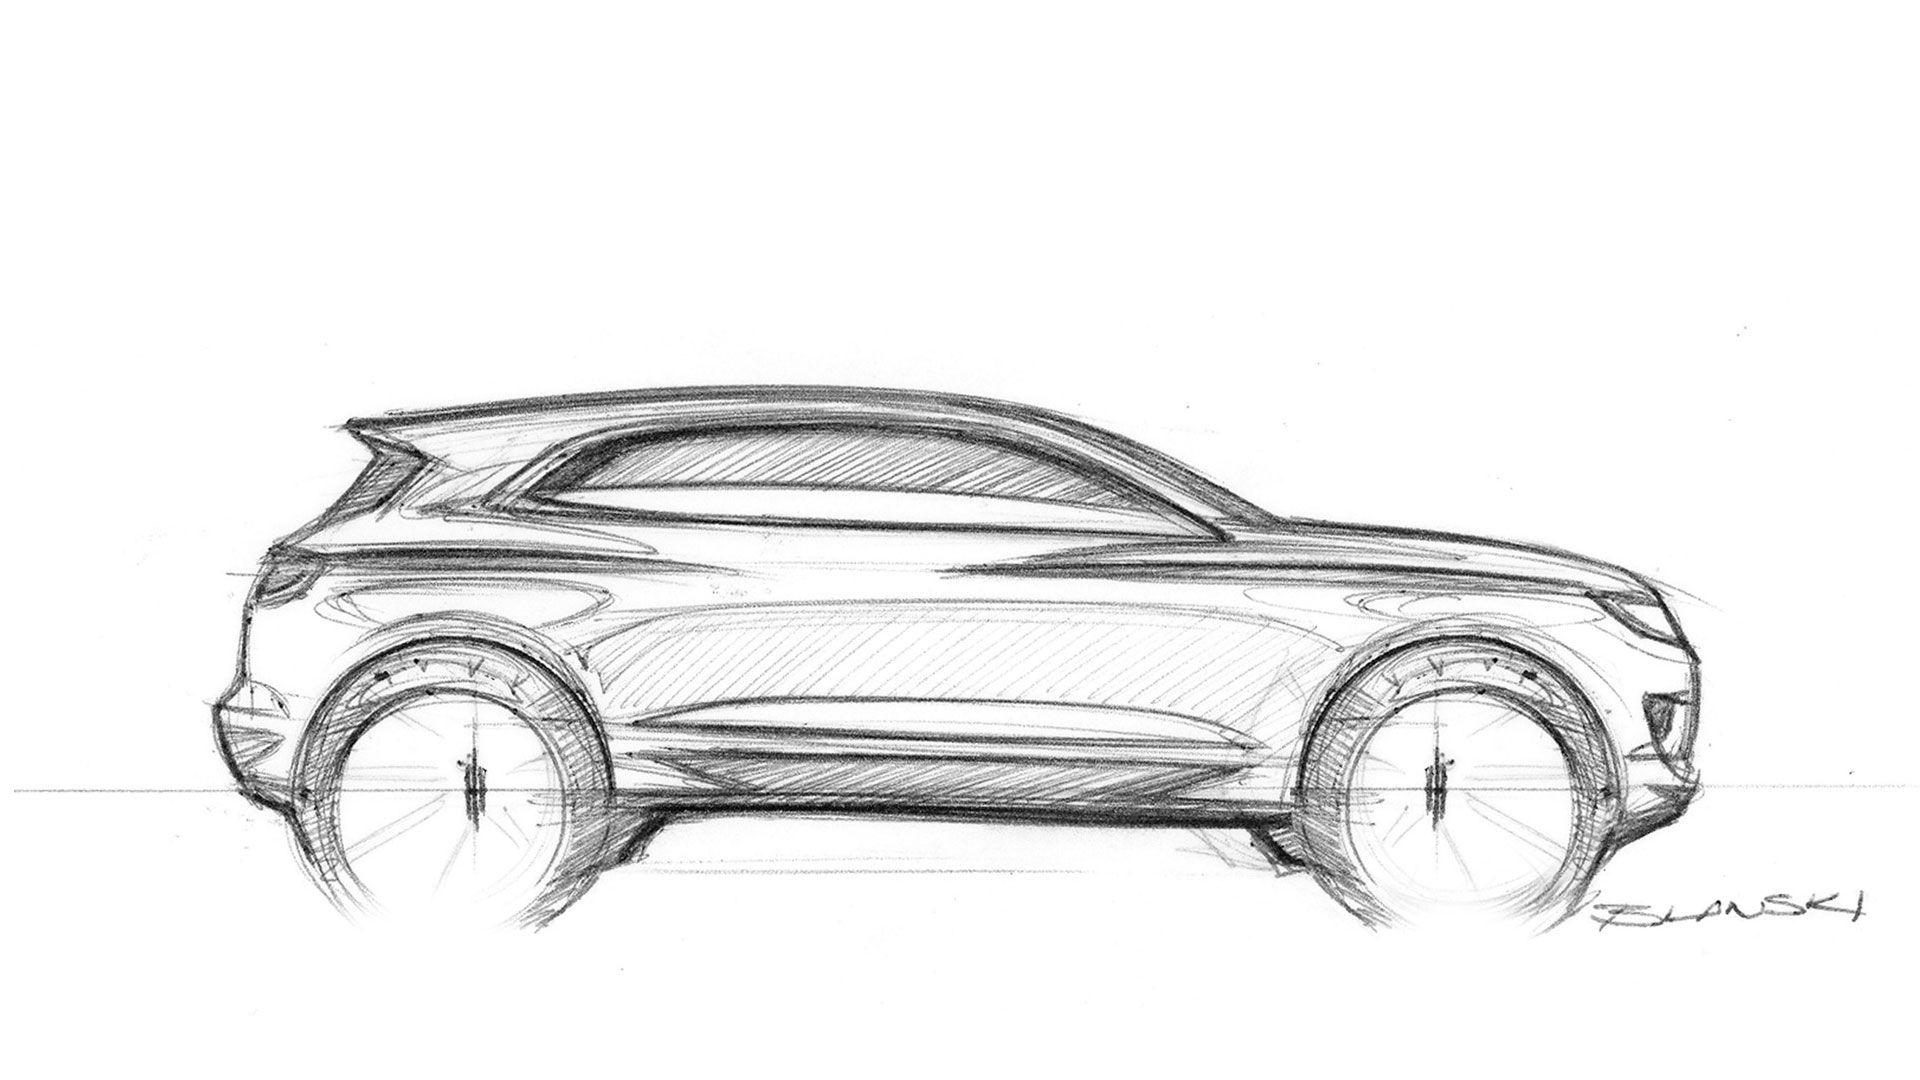 Lincoln Mkc Concept Lincoln Mkc Luxury Design